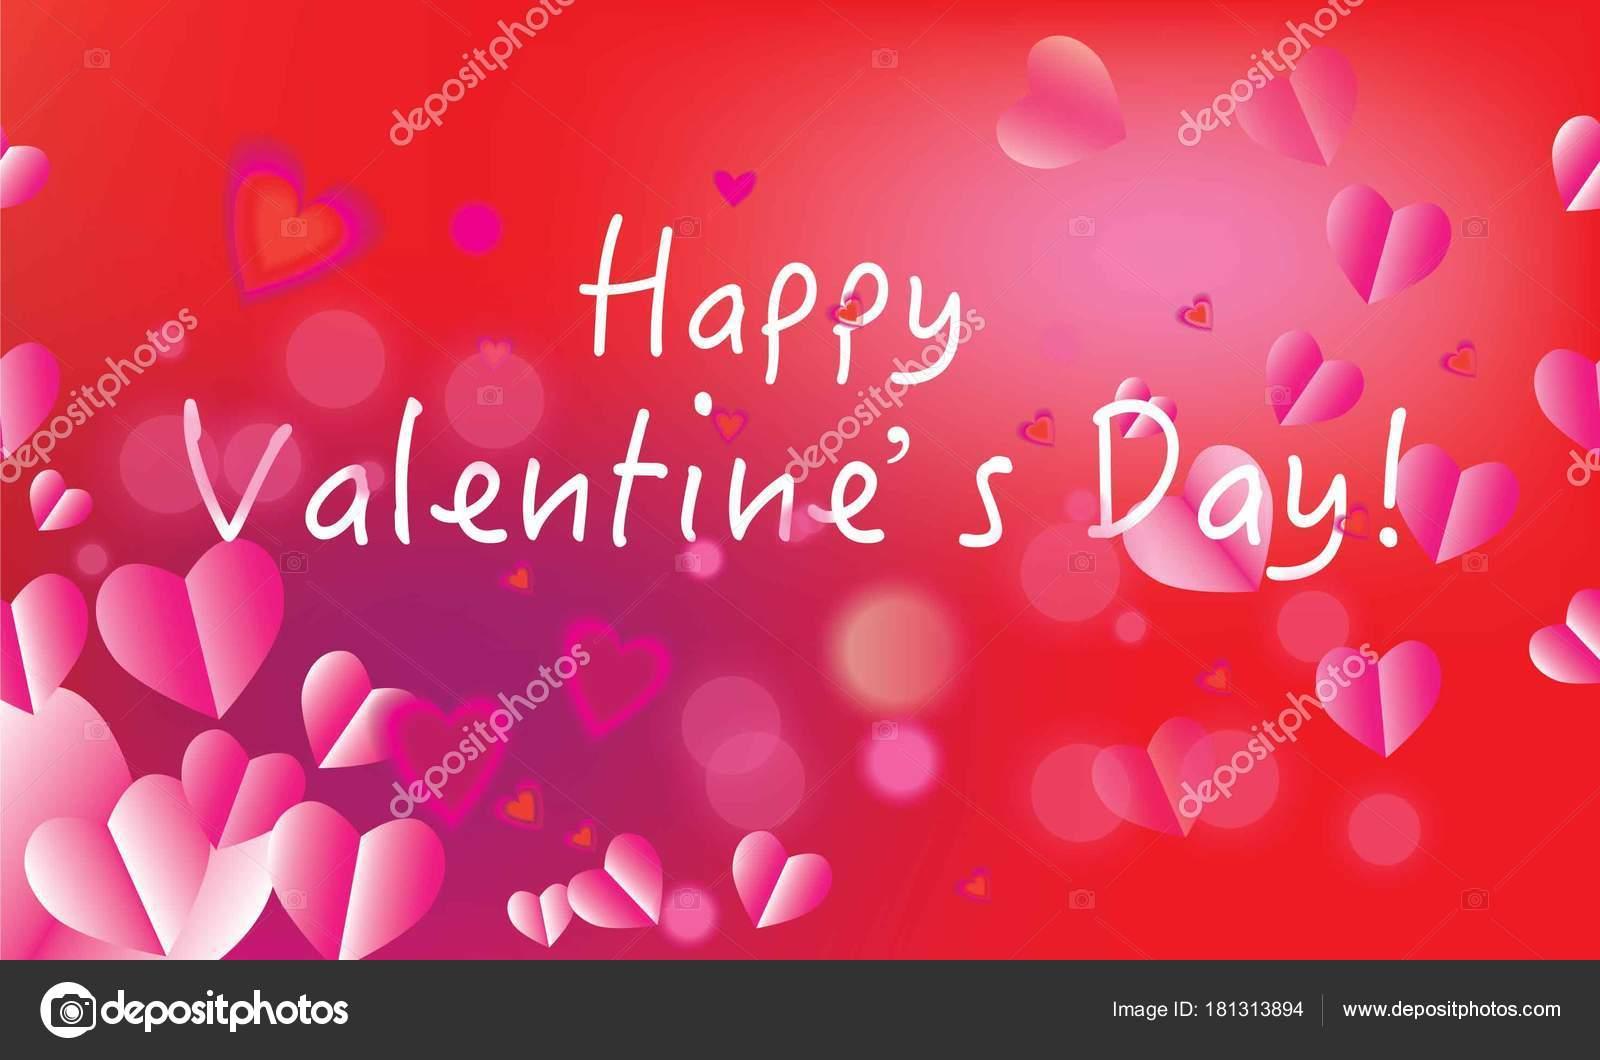 Valentinstag Muttertag Frauentag Urlaub Geburtstag Jubilaum Hochzeit